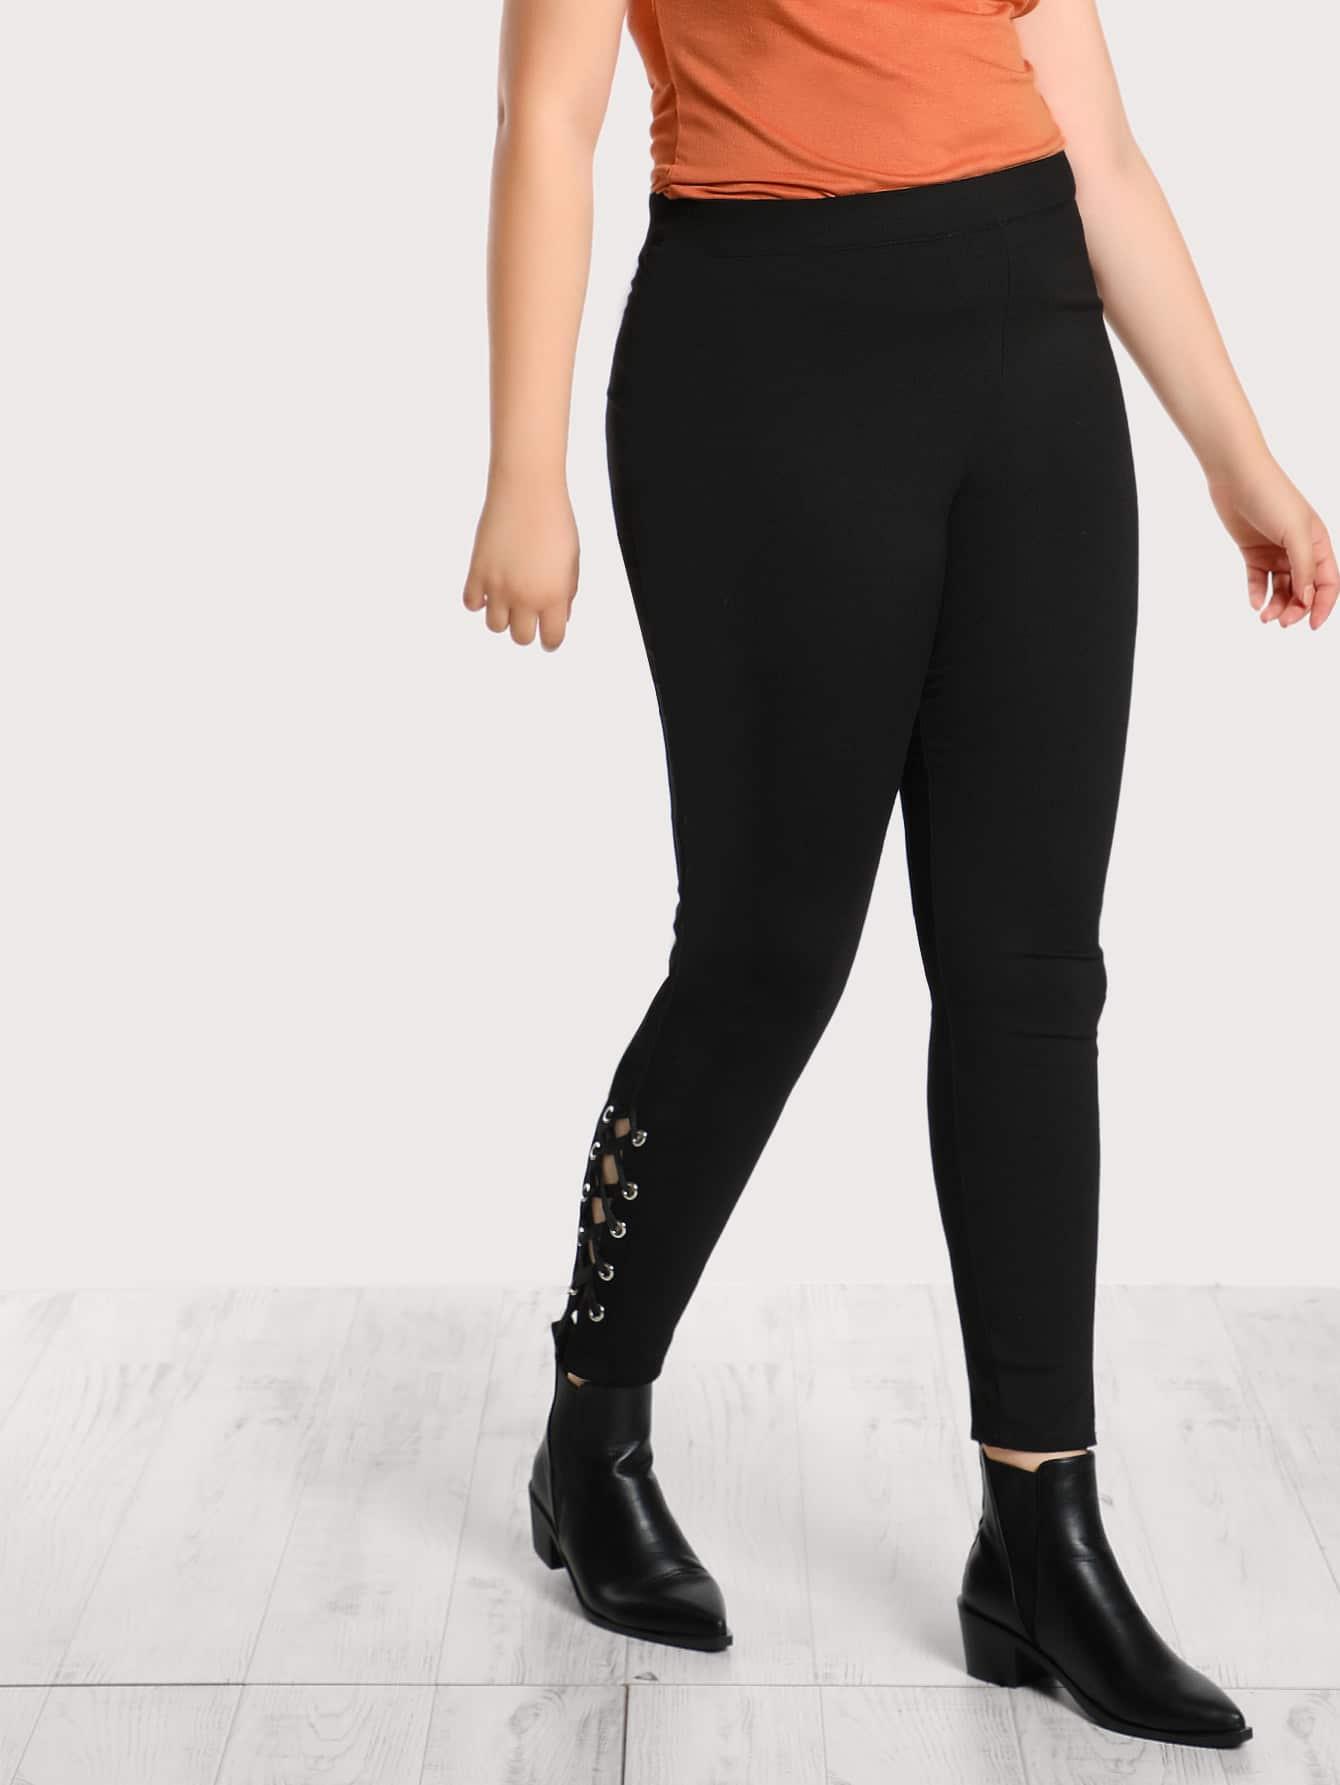 Image of Grommet Lace Up Hem Pants